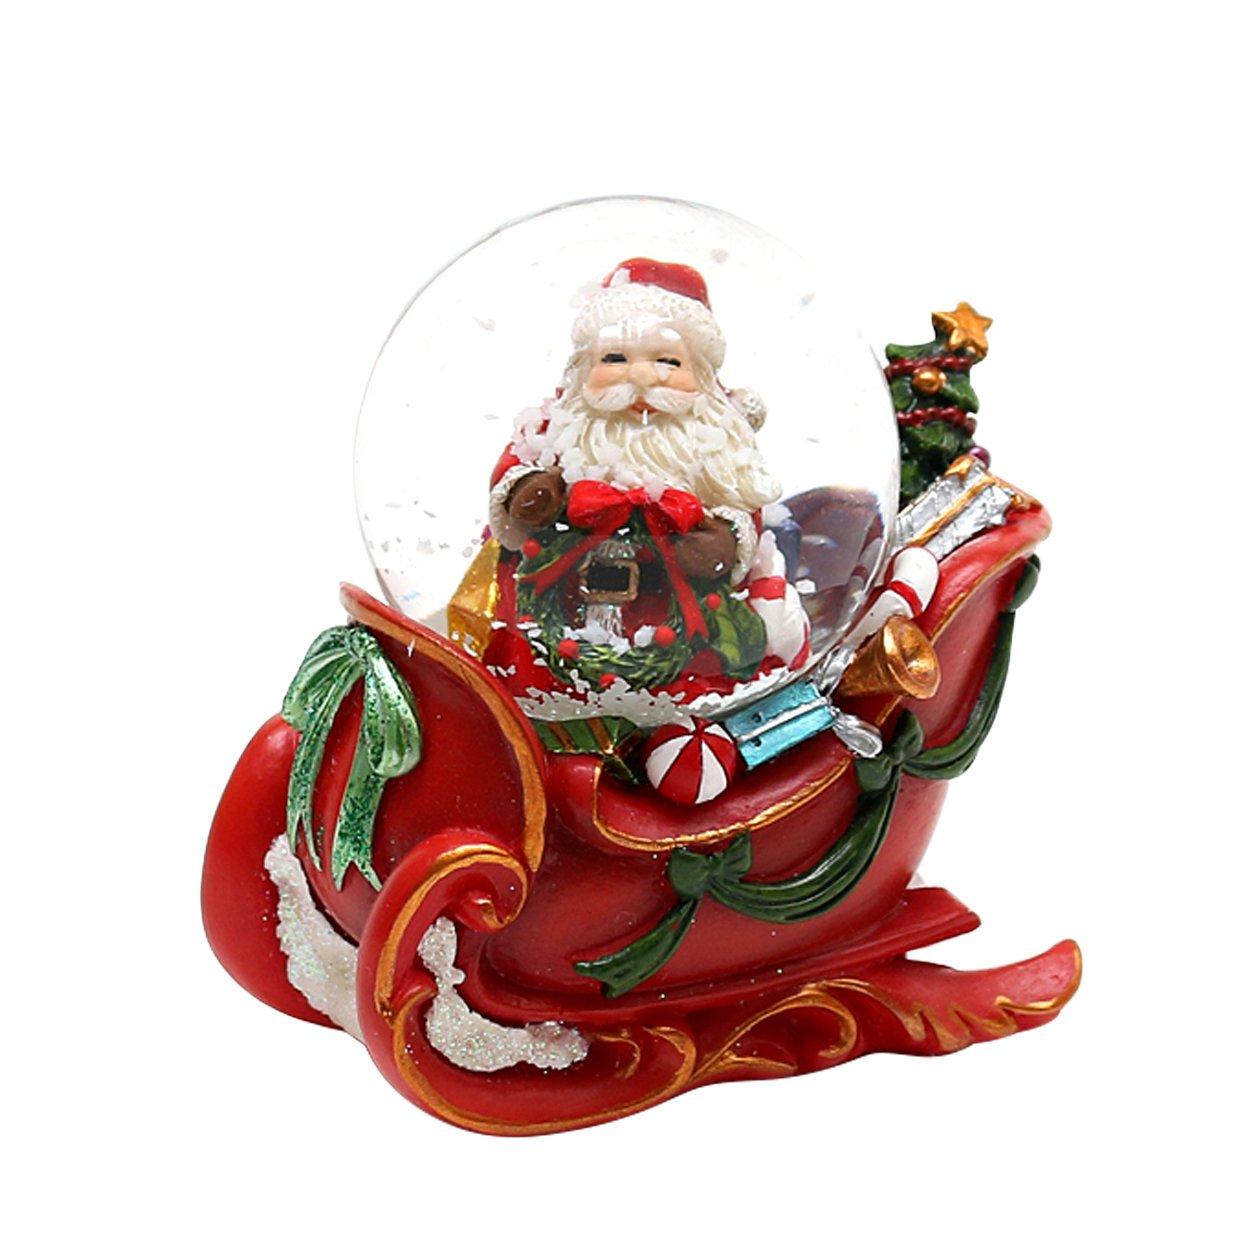 Bellisima palla di vetro con neve e base a forma di slitta, circa 5 x 7,5 cm/ Ø 4,5 cm Dekohelden24